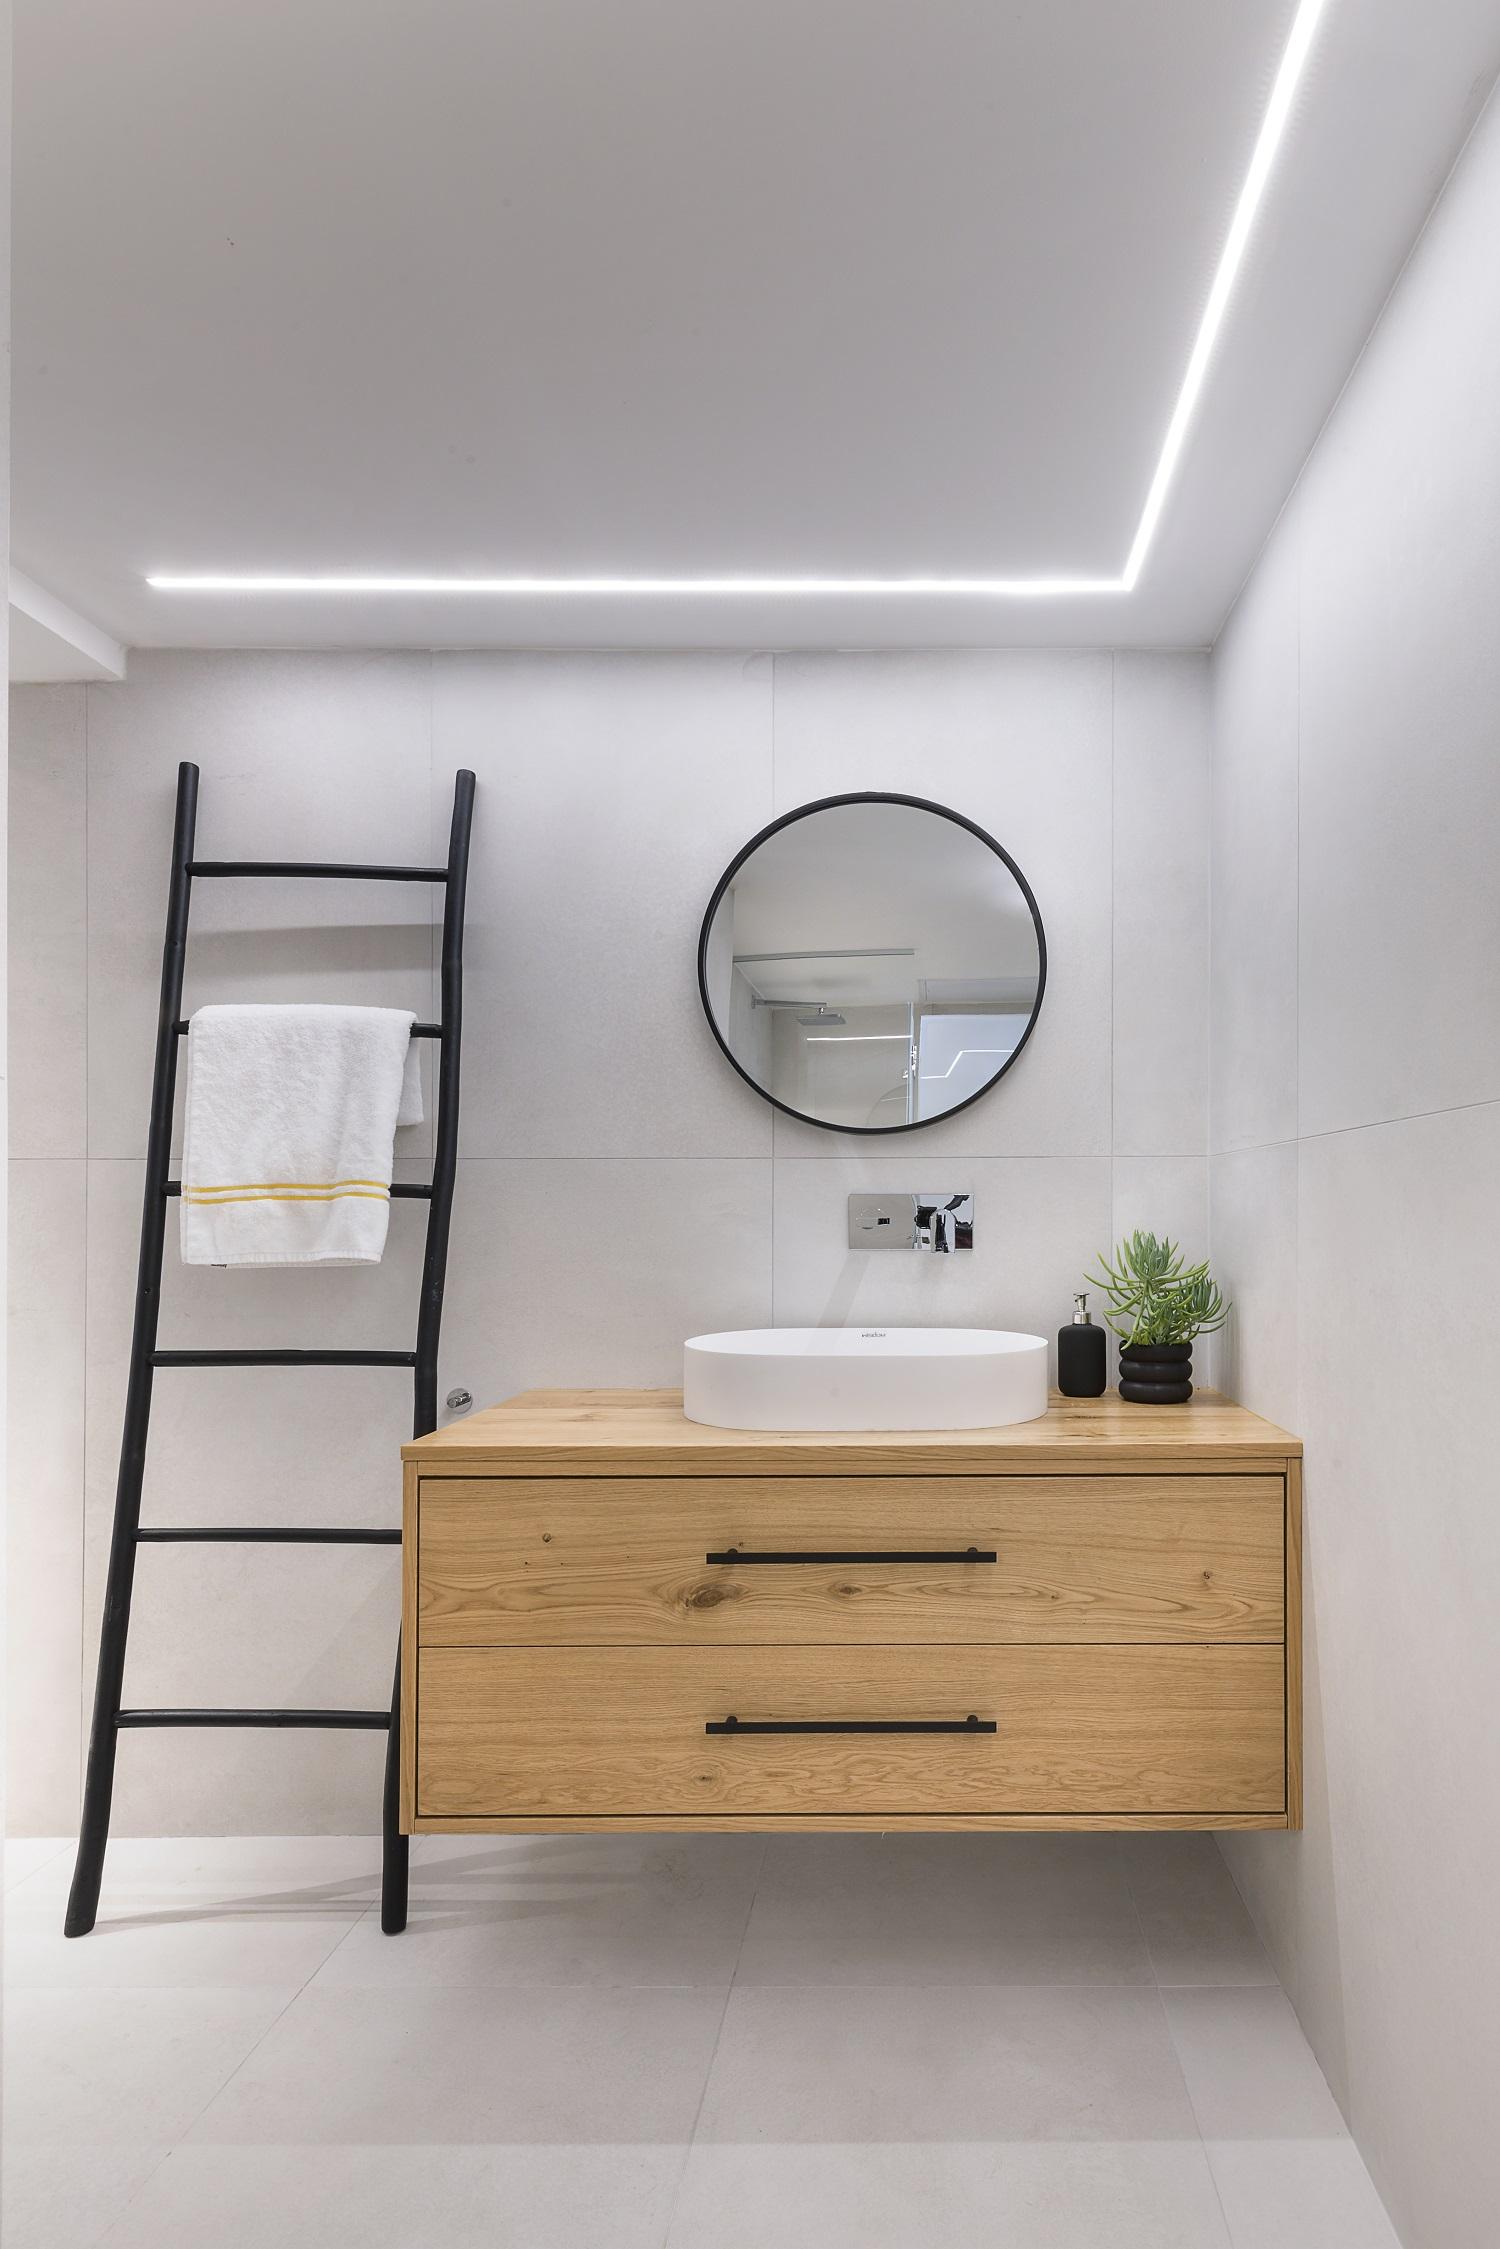 ארון אמבטיה מעץ מרחף